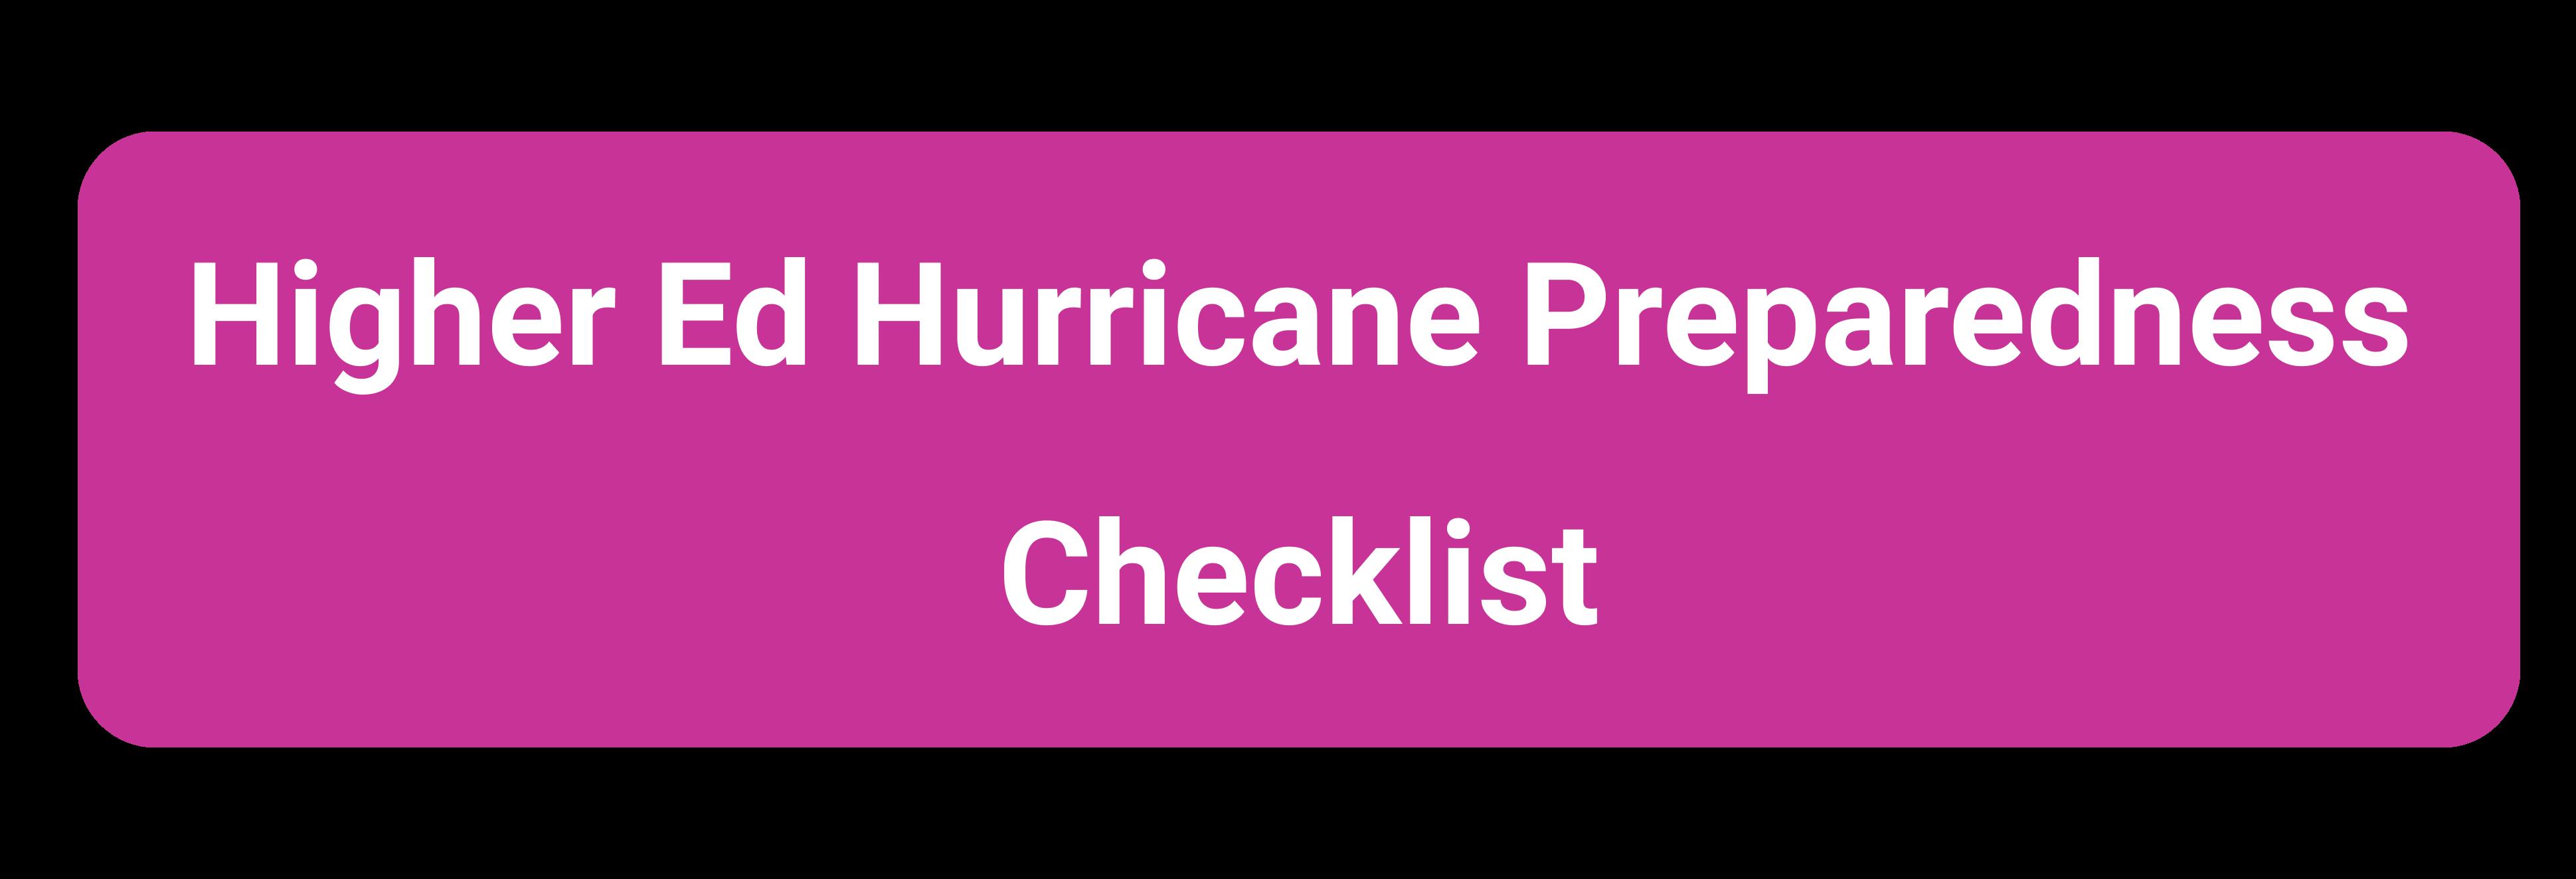 Button linking to Higher Ed Hurricane Preparedness Checklist